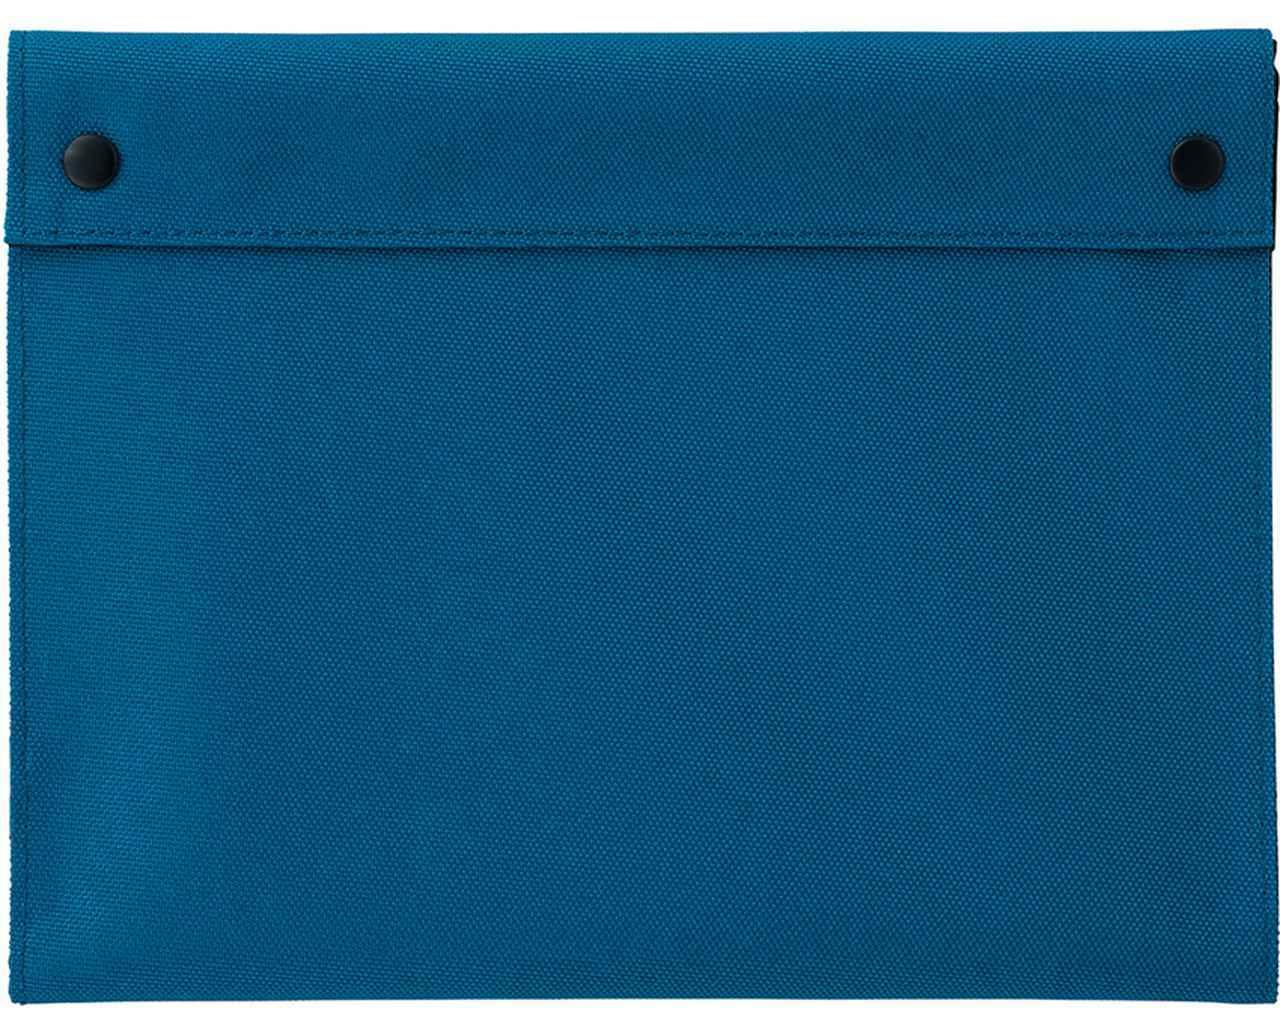 画像: ナカバヤシ つながるノートカバーシリーズ 標準価格:1150円ほか